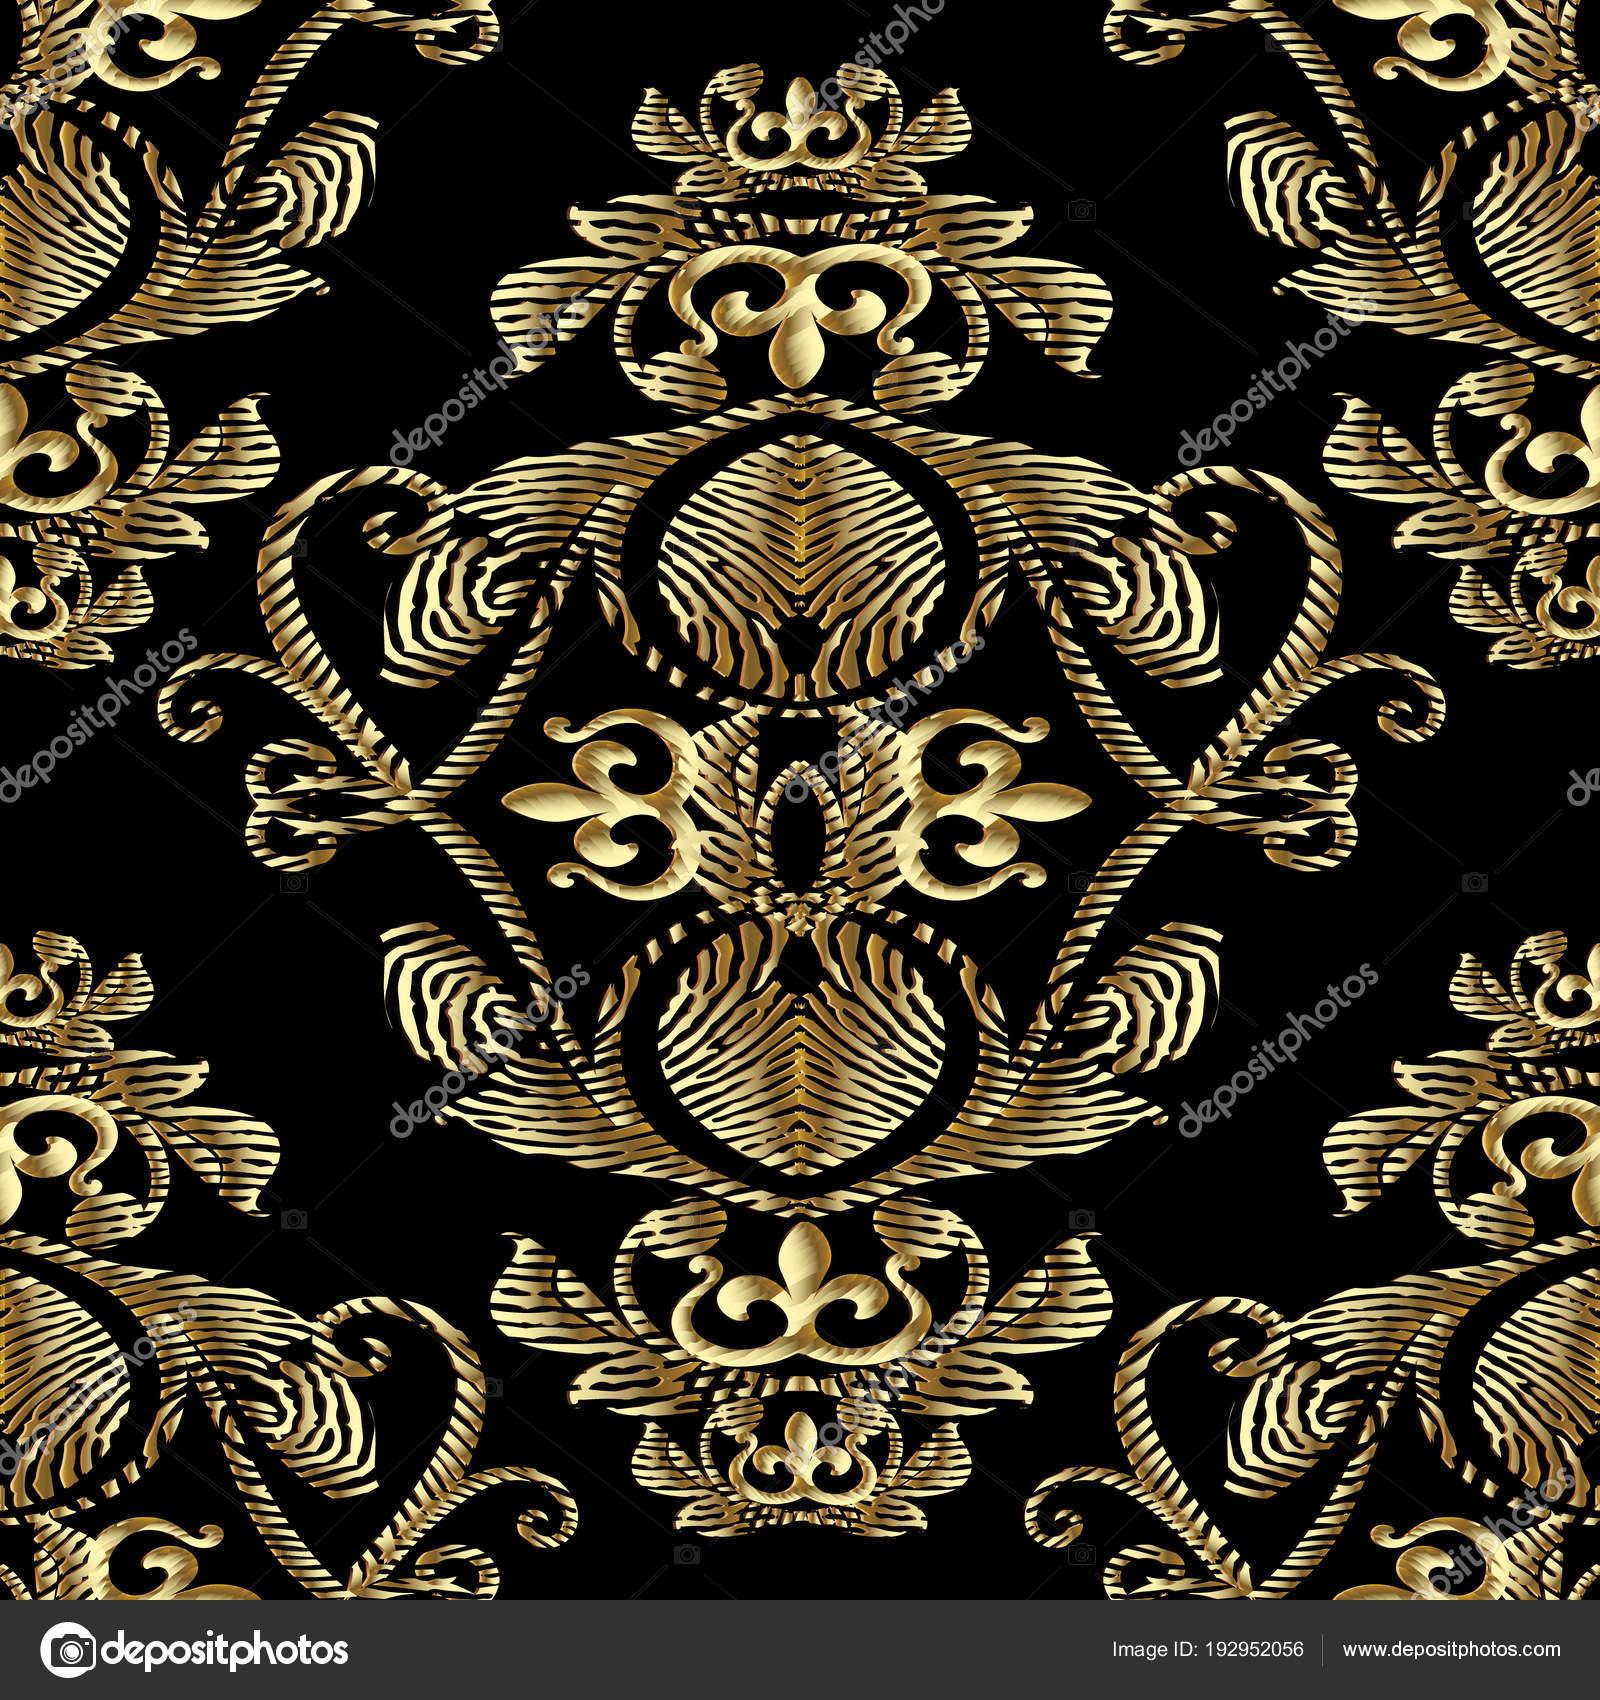 6742c5374e Barokk arany hímzés 3d varrat nélküli mintát. Vector háttér mintás szőnyeg.  Vintage line art áttört embroidred antik királyi díszek, virágok, ...